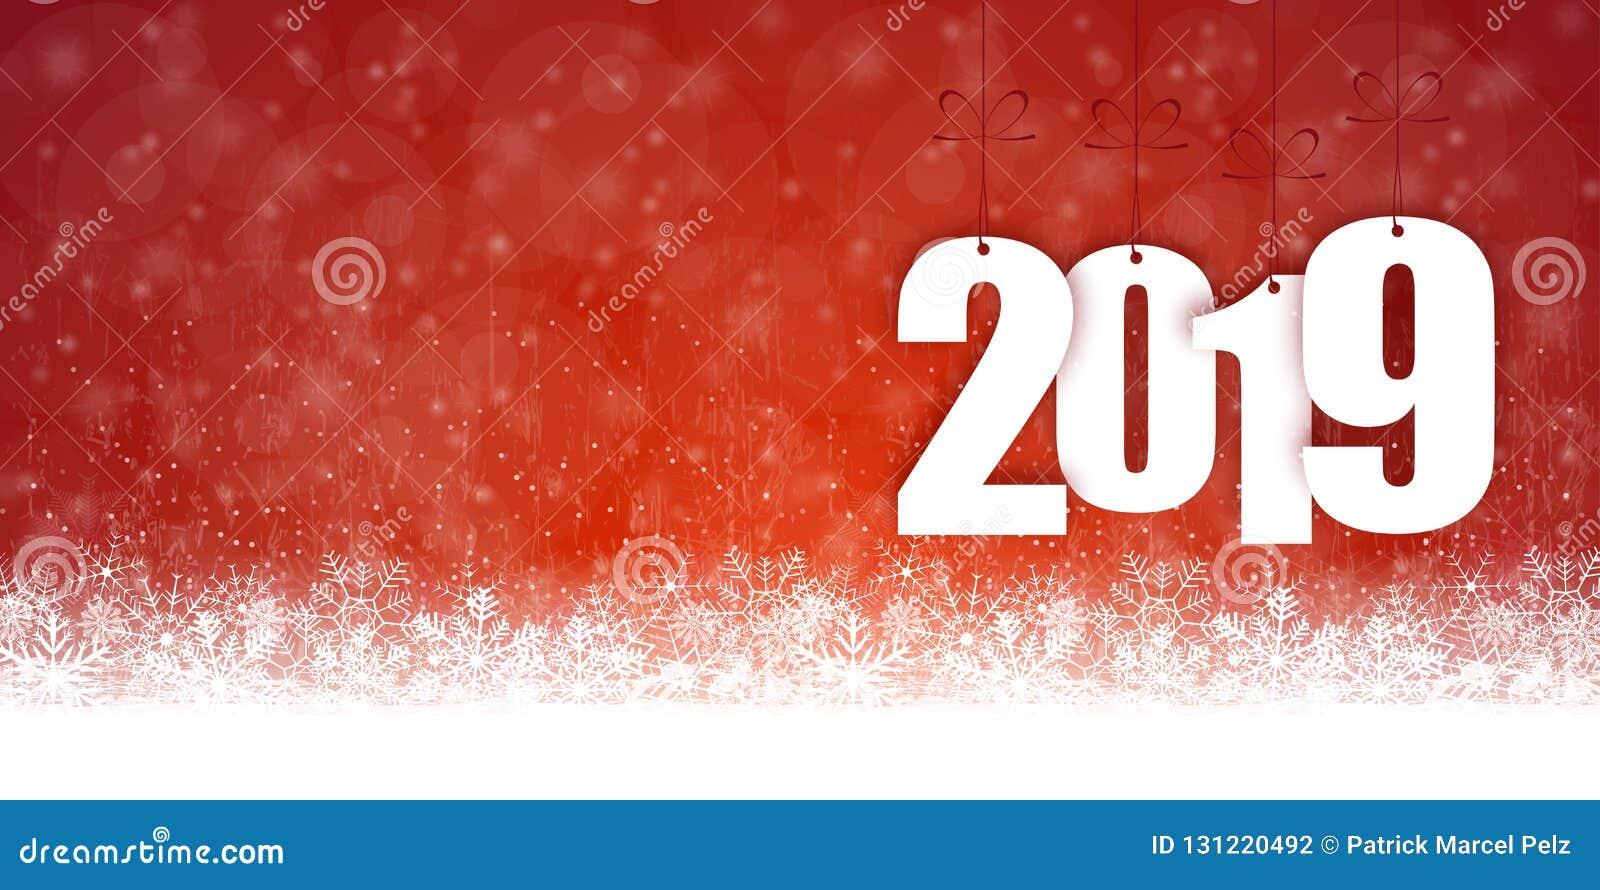 предпосылка падения снега на рождество и Новый Год 2019